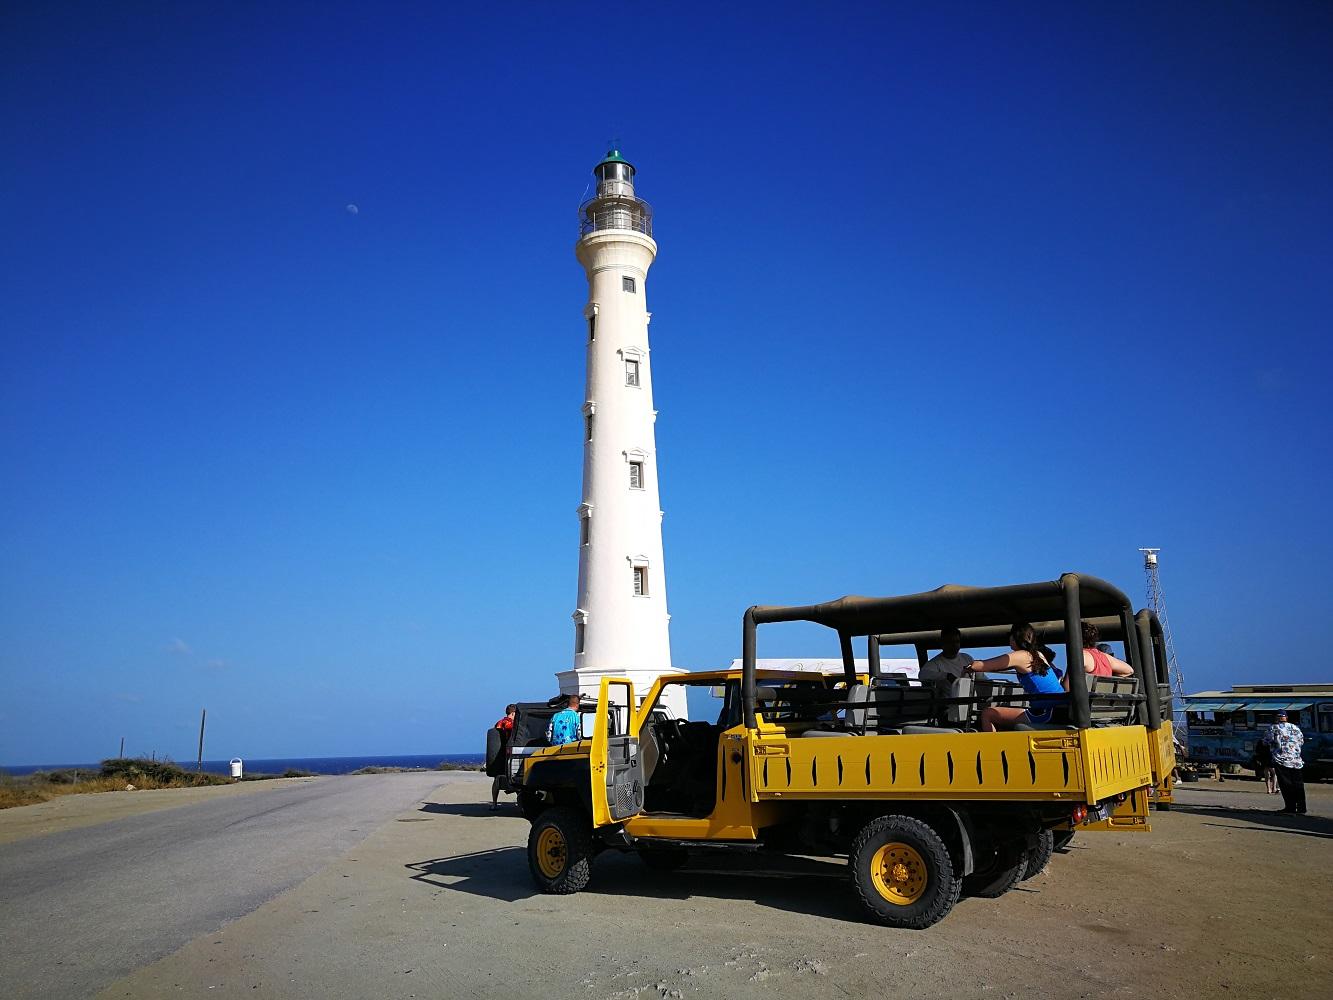 Mein Schiff Ausflug: Abenteuerliches Sightseeing auf Aruba